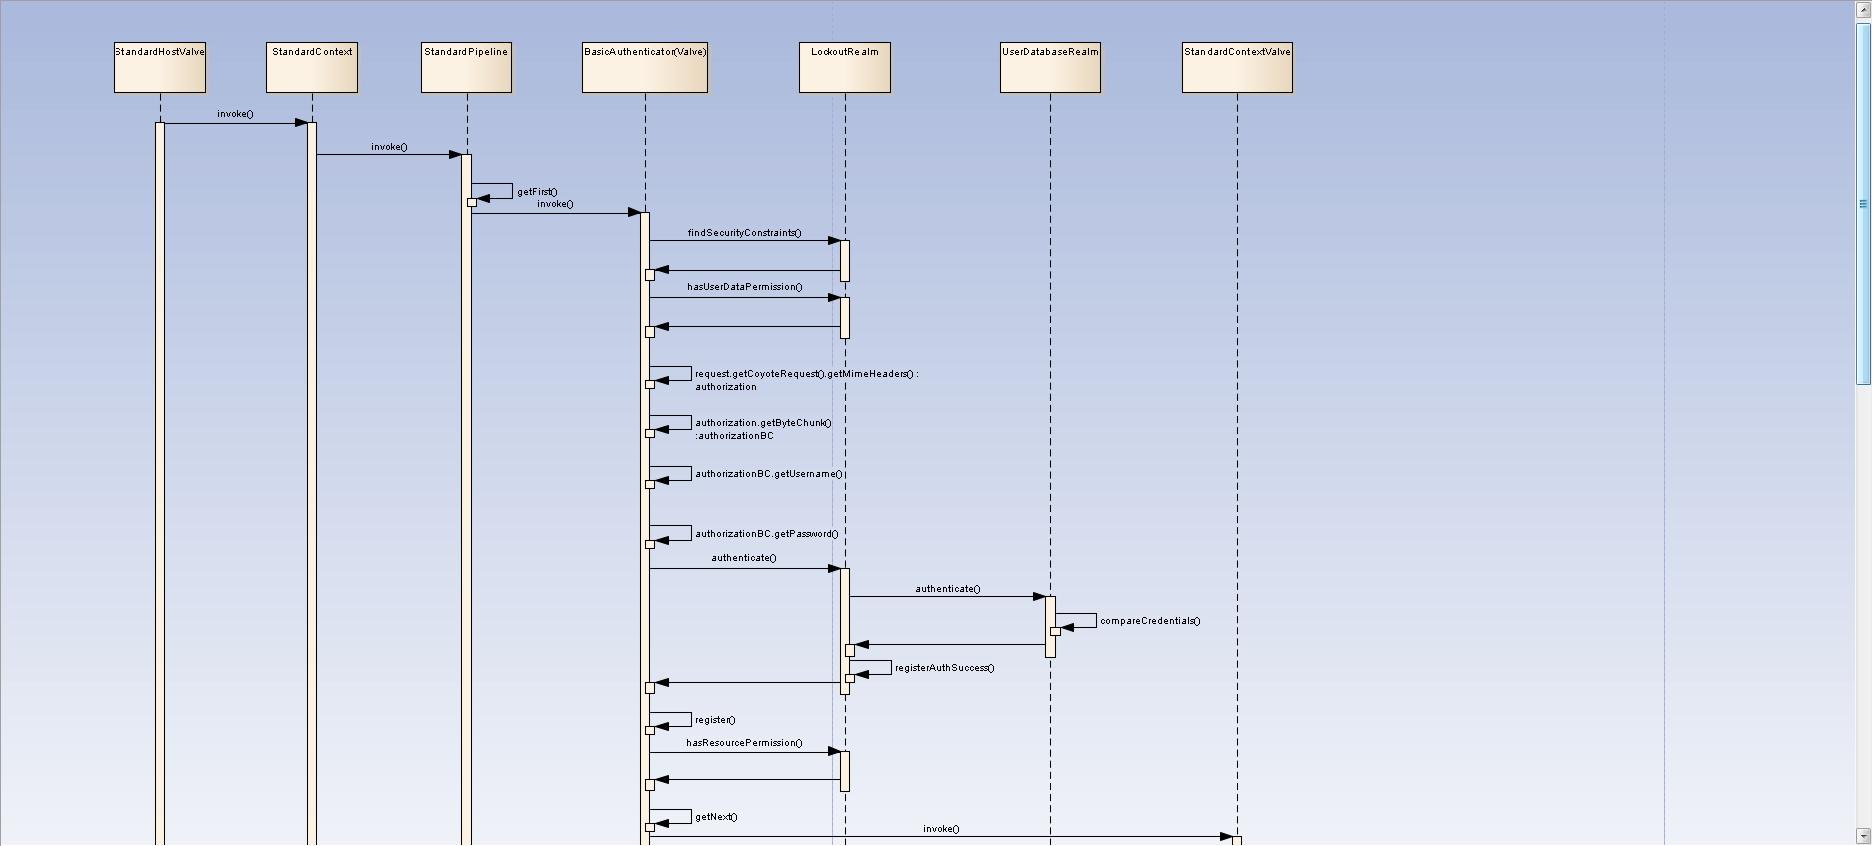 Apache Tomcat 8 Architecture 8053 Request Process Flow Diagram Pictures